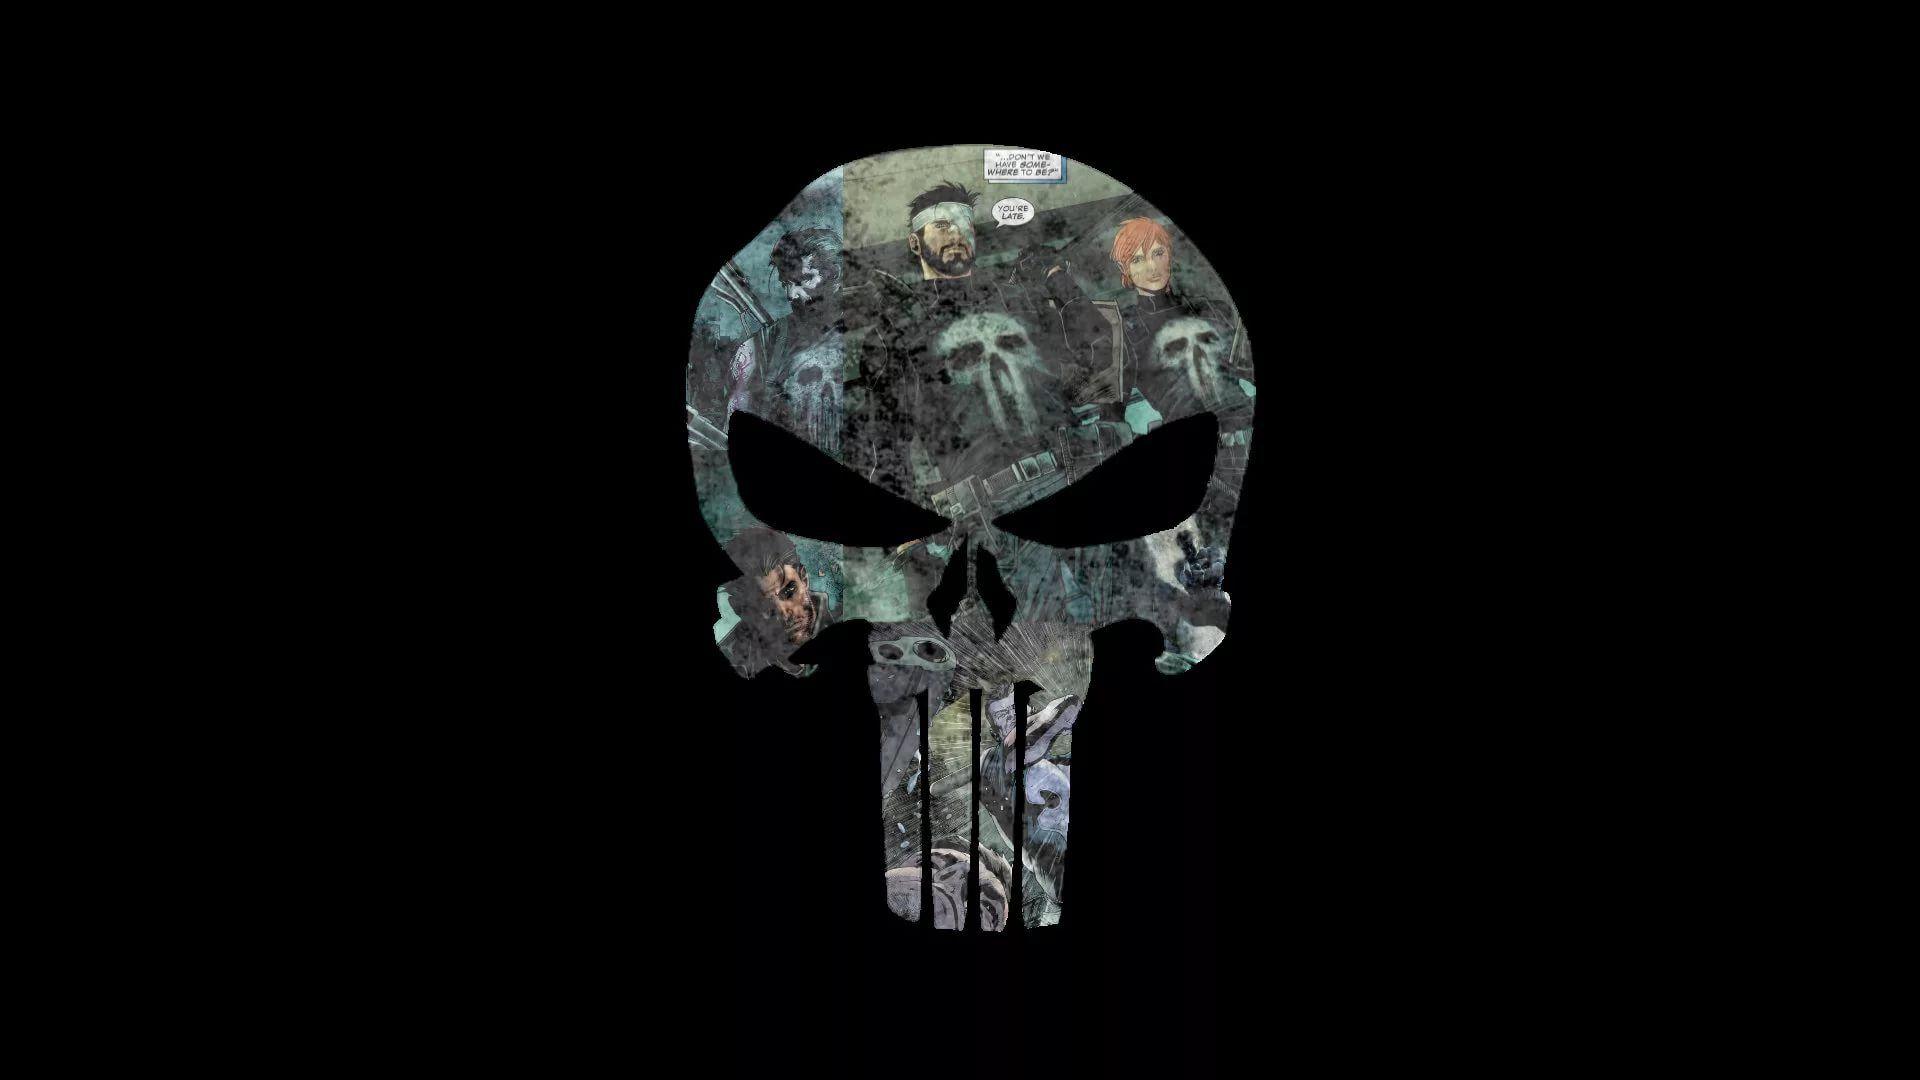 Punisher Skull Cool Wallpaper